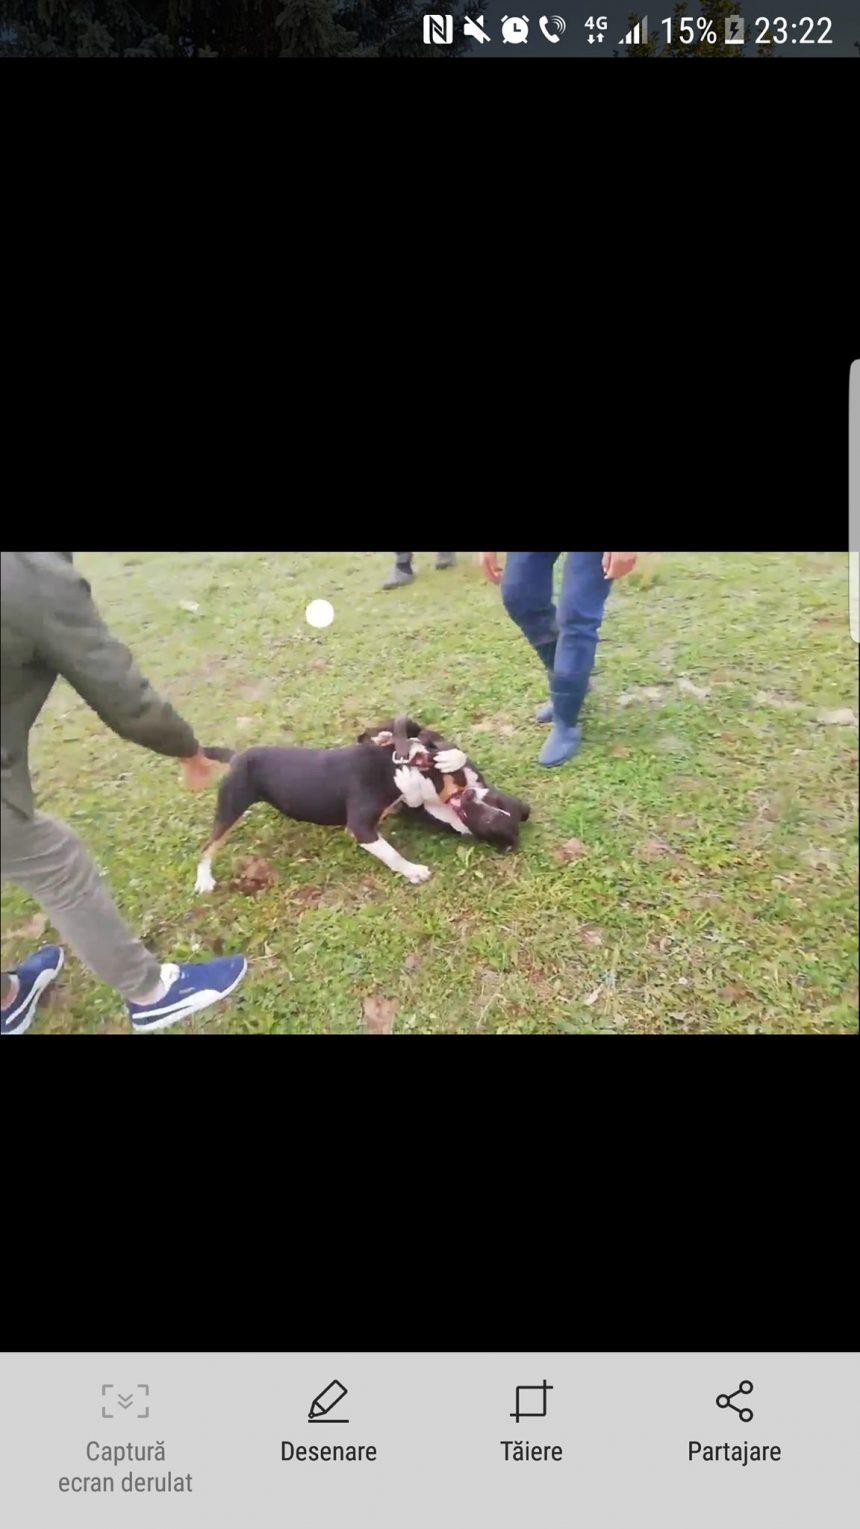 S-au ținut de cuvânt! Iubitorii de animale au sesizat Poliția cu privire la Petriș, ringul de luptă al câinilor